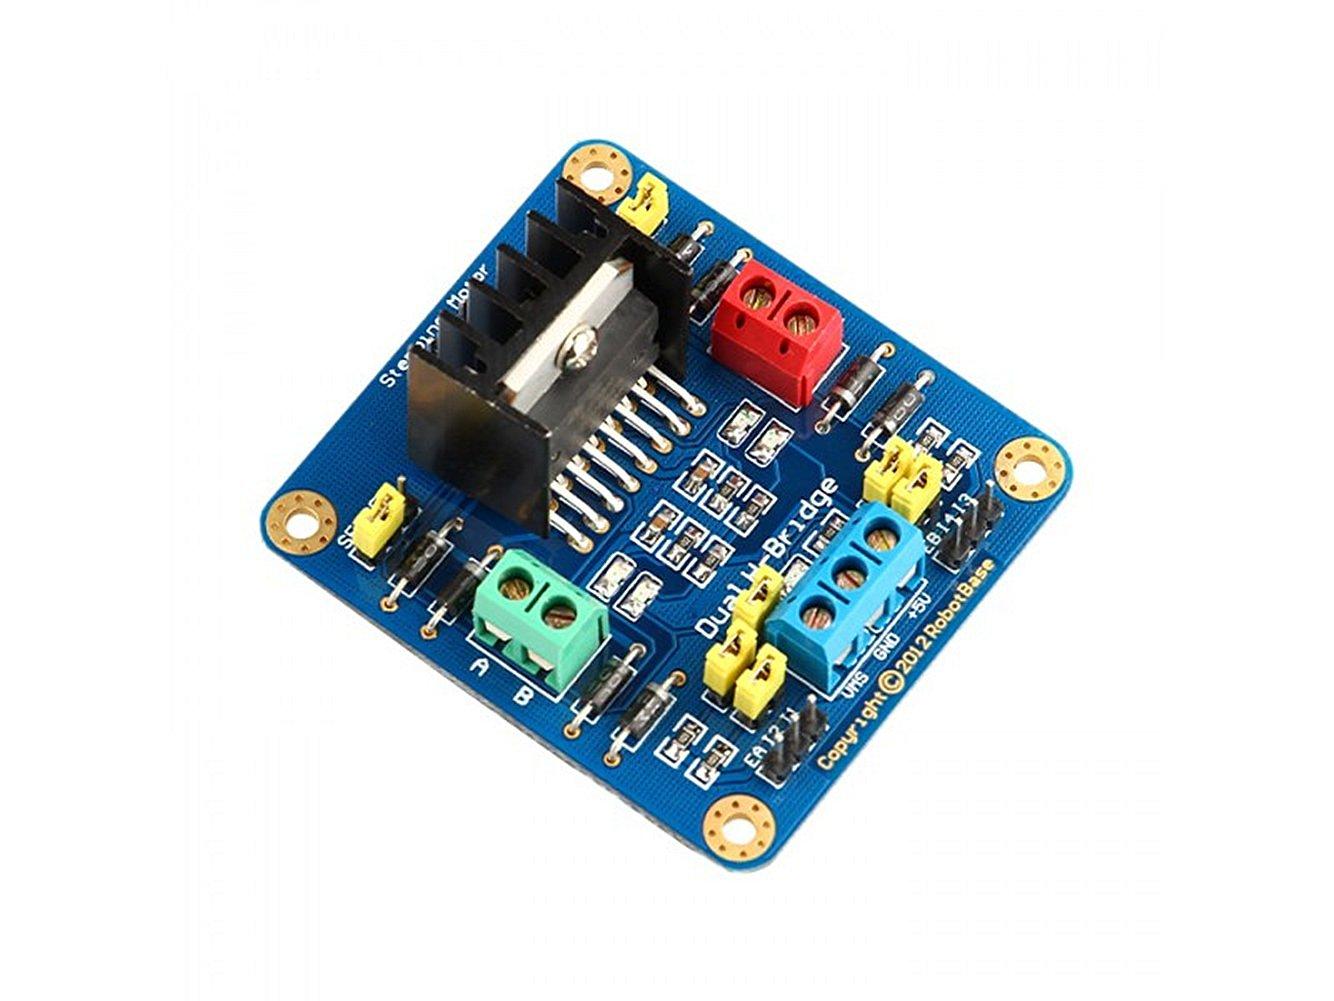 Buy L298 Dual H Bridge Motor Driver In Cheap Price On Alibabacom Circuit Diagram